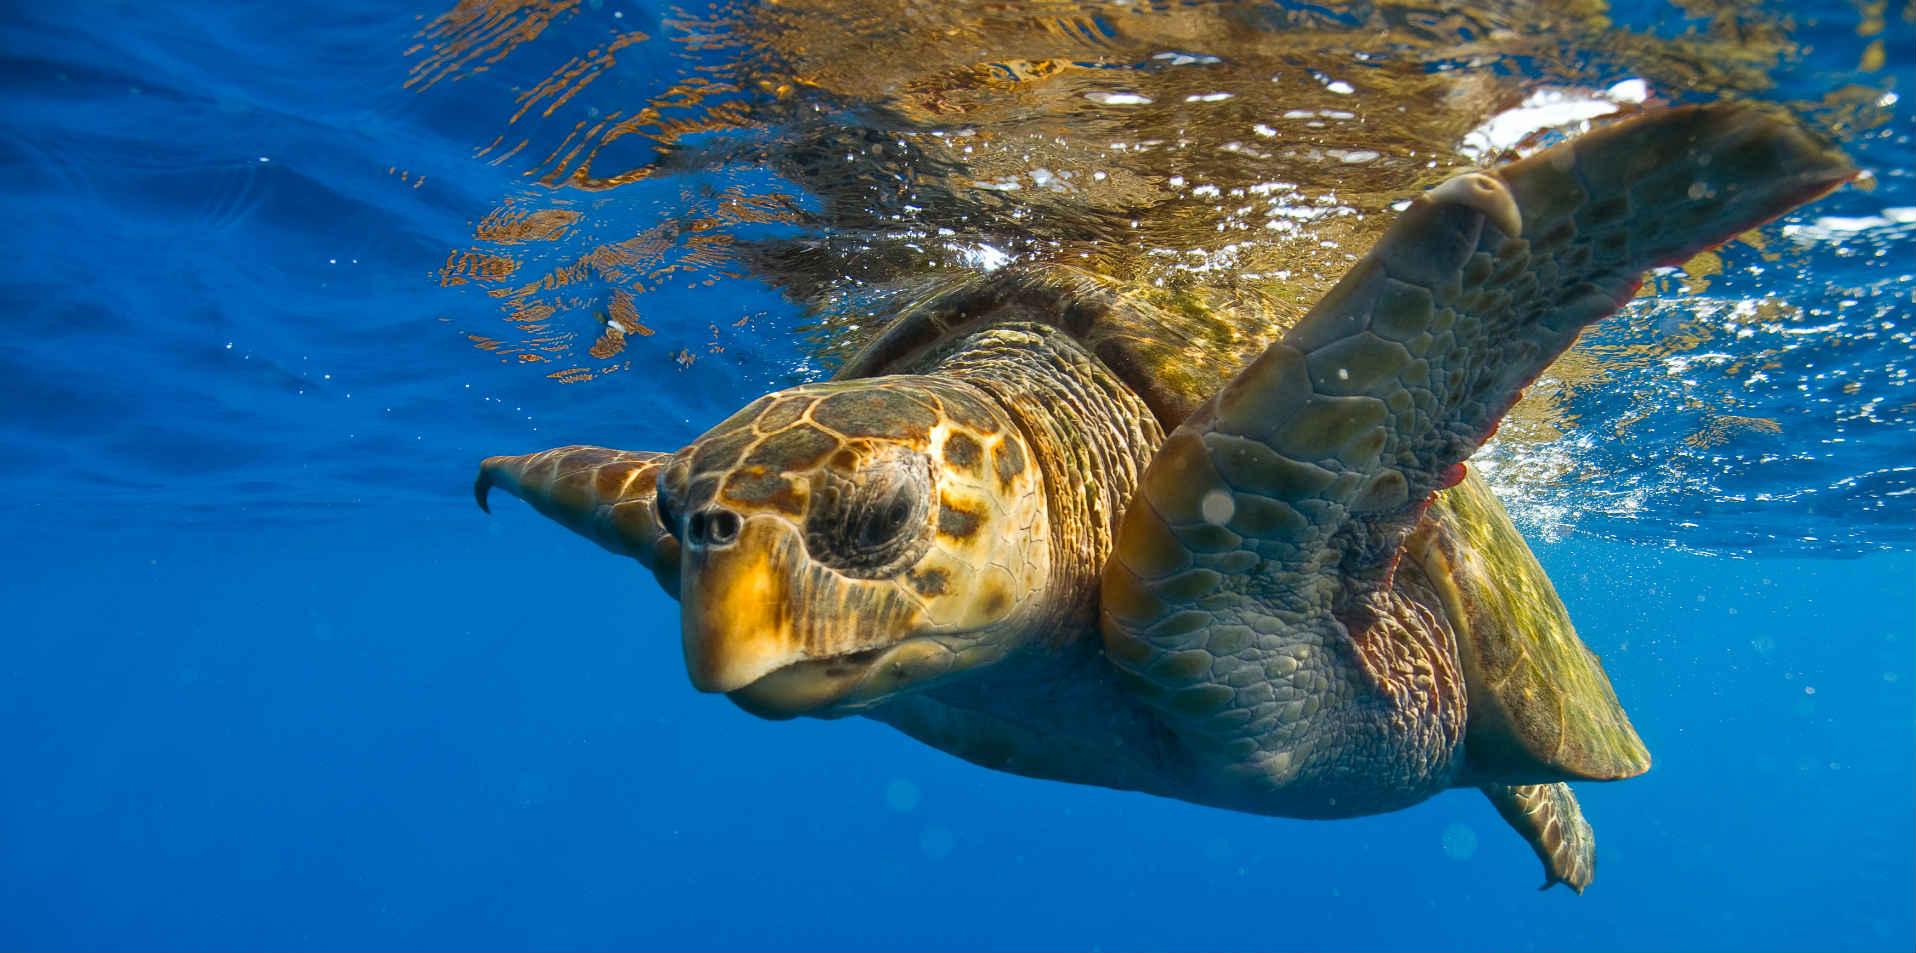 Praia do forte - Turtle